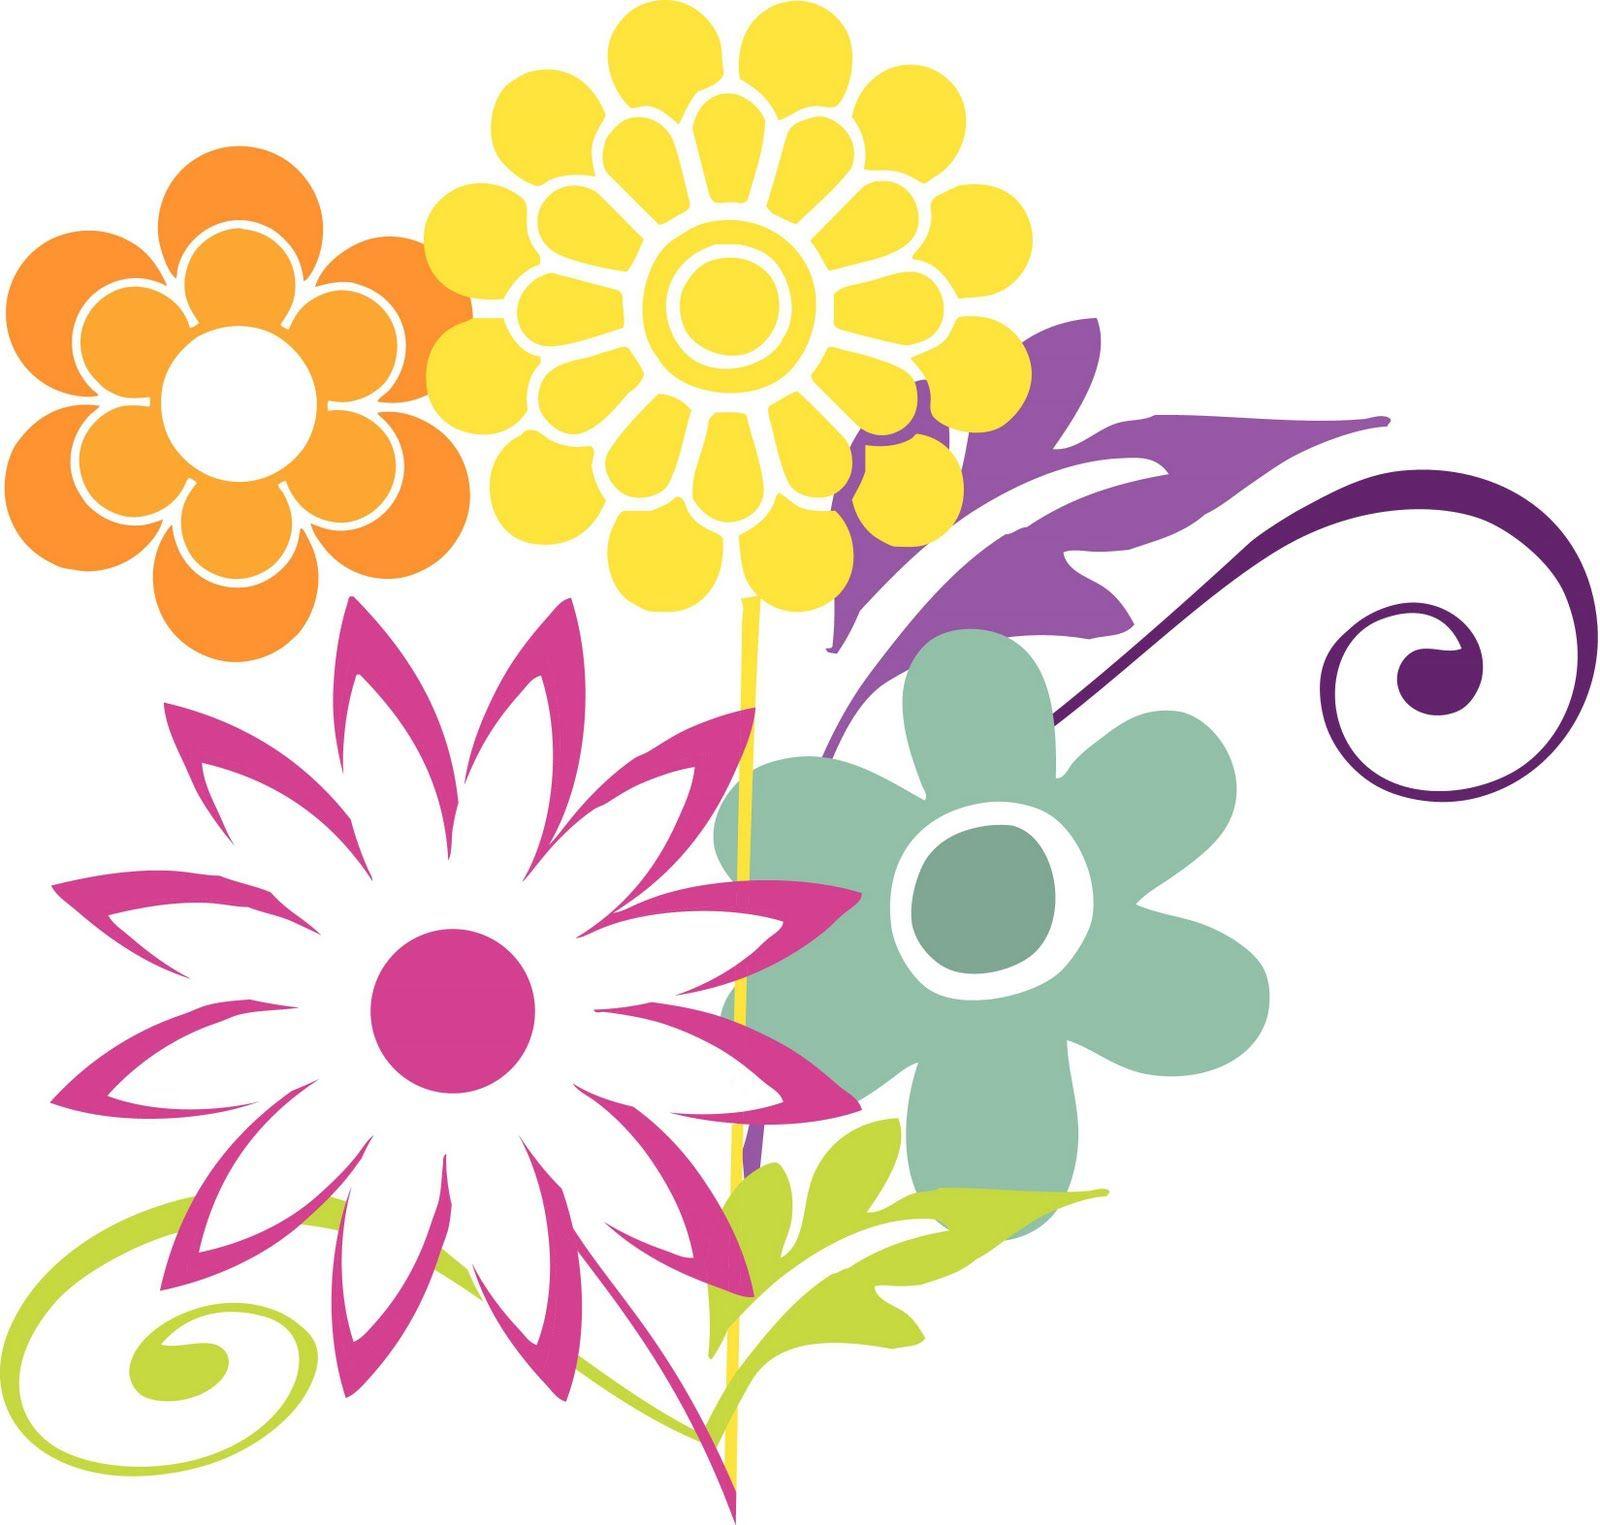 free clipart april flowers clipart best [ 1600 x 1525 Pixel ]